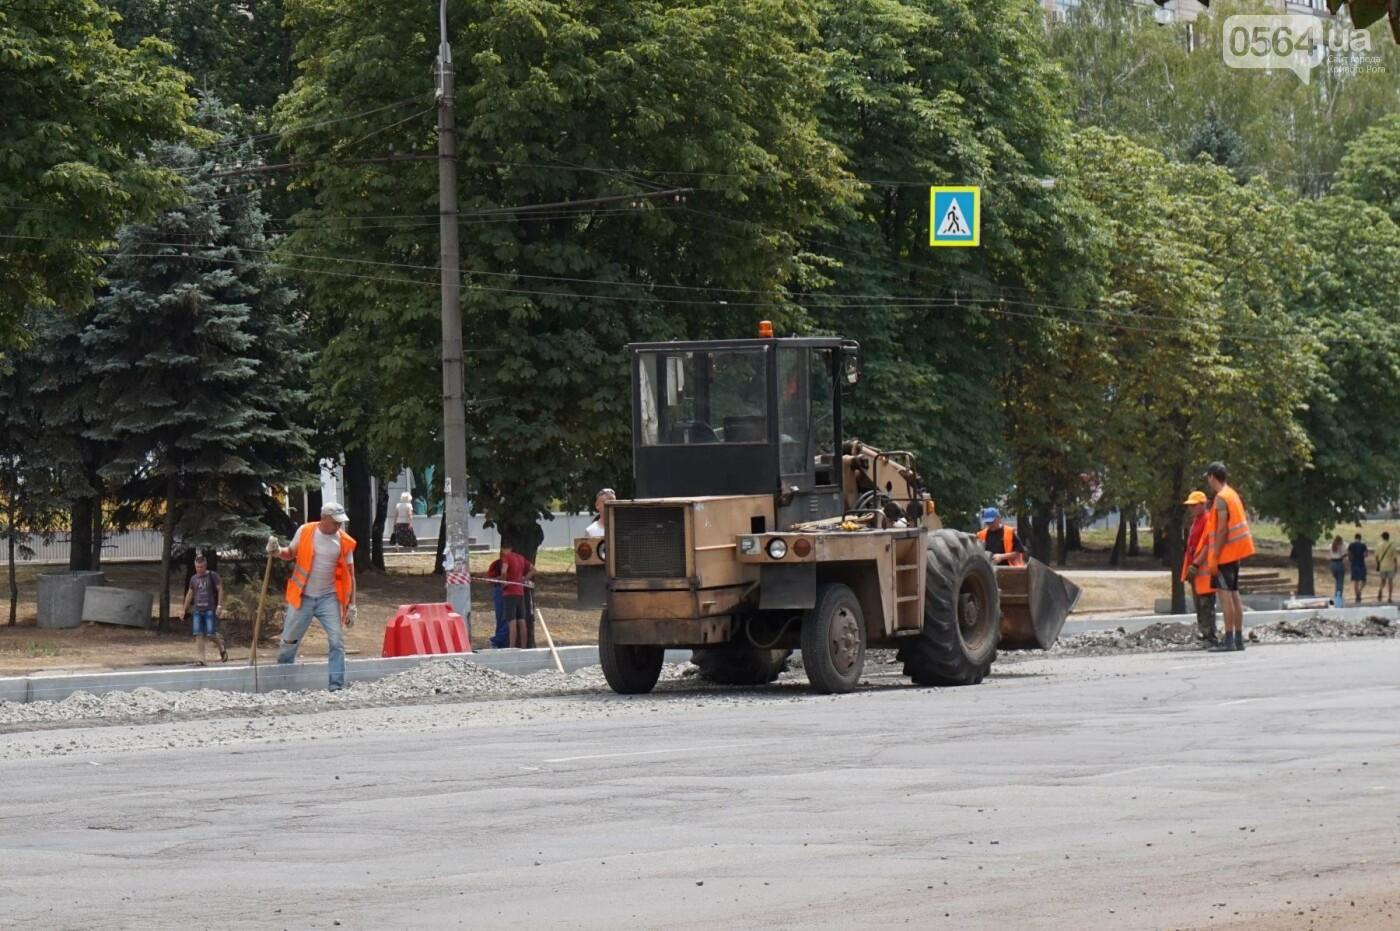 С сегодняшнего дня на центральном проспекте Кривого Рога отменены 3 остановки и запрещена парковка, - ФОТО, фото-27